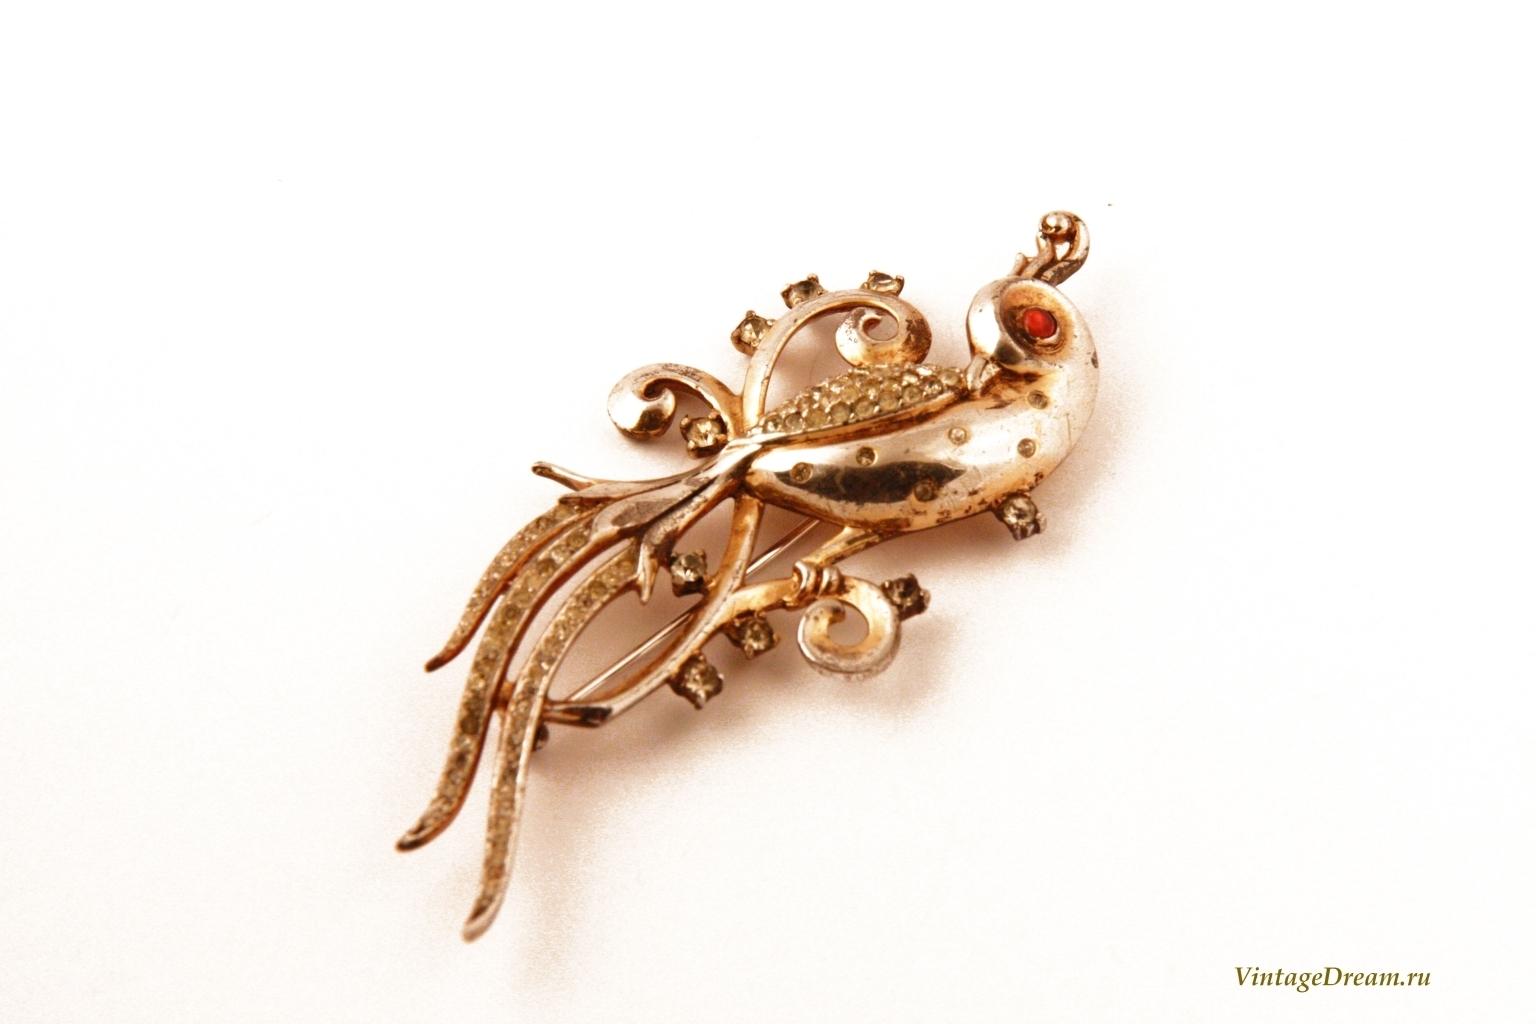 Роскошная серебряная брошь Райская птица от Trifari.